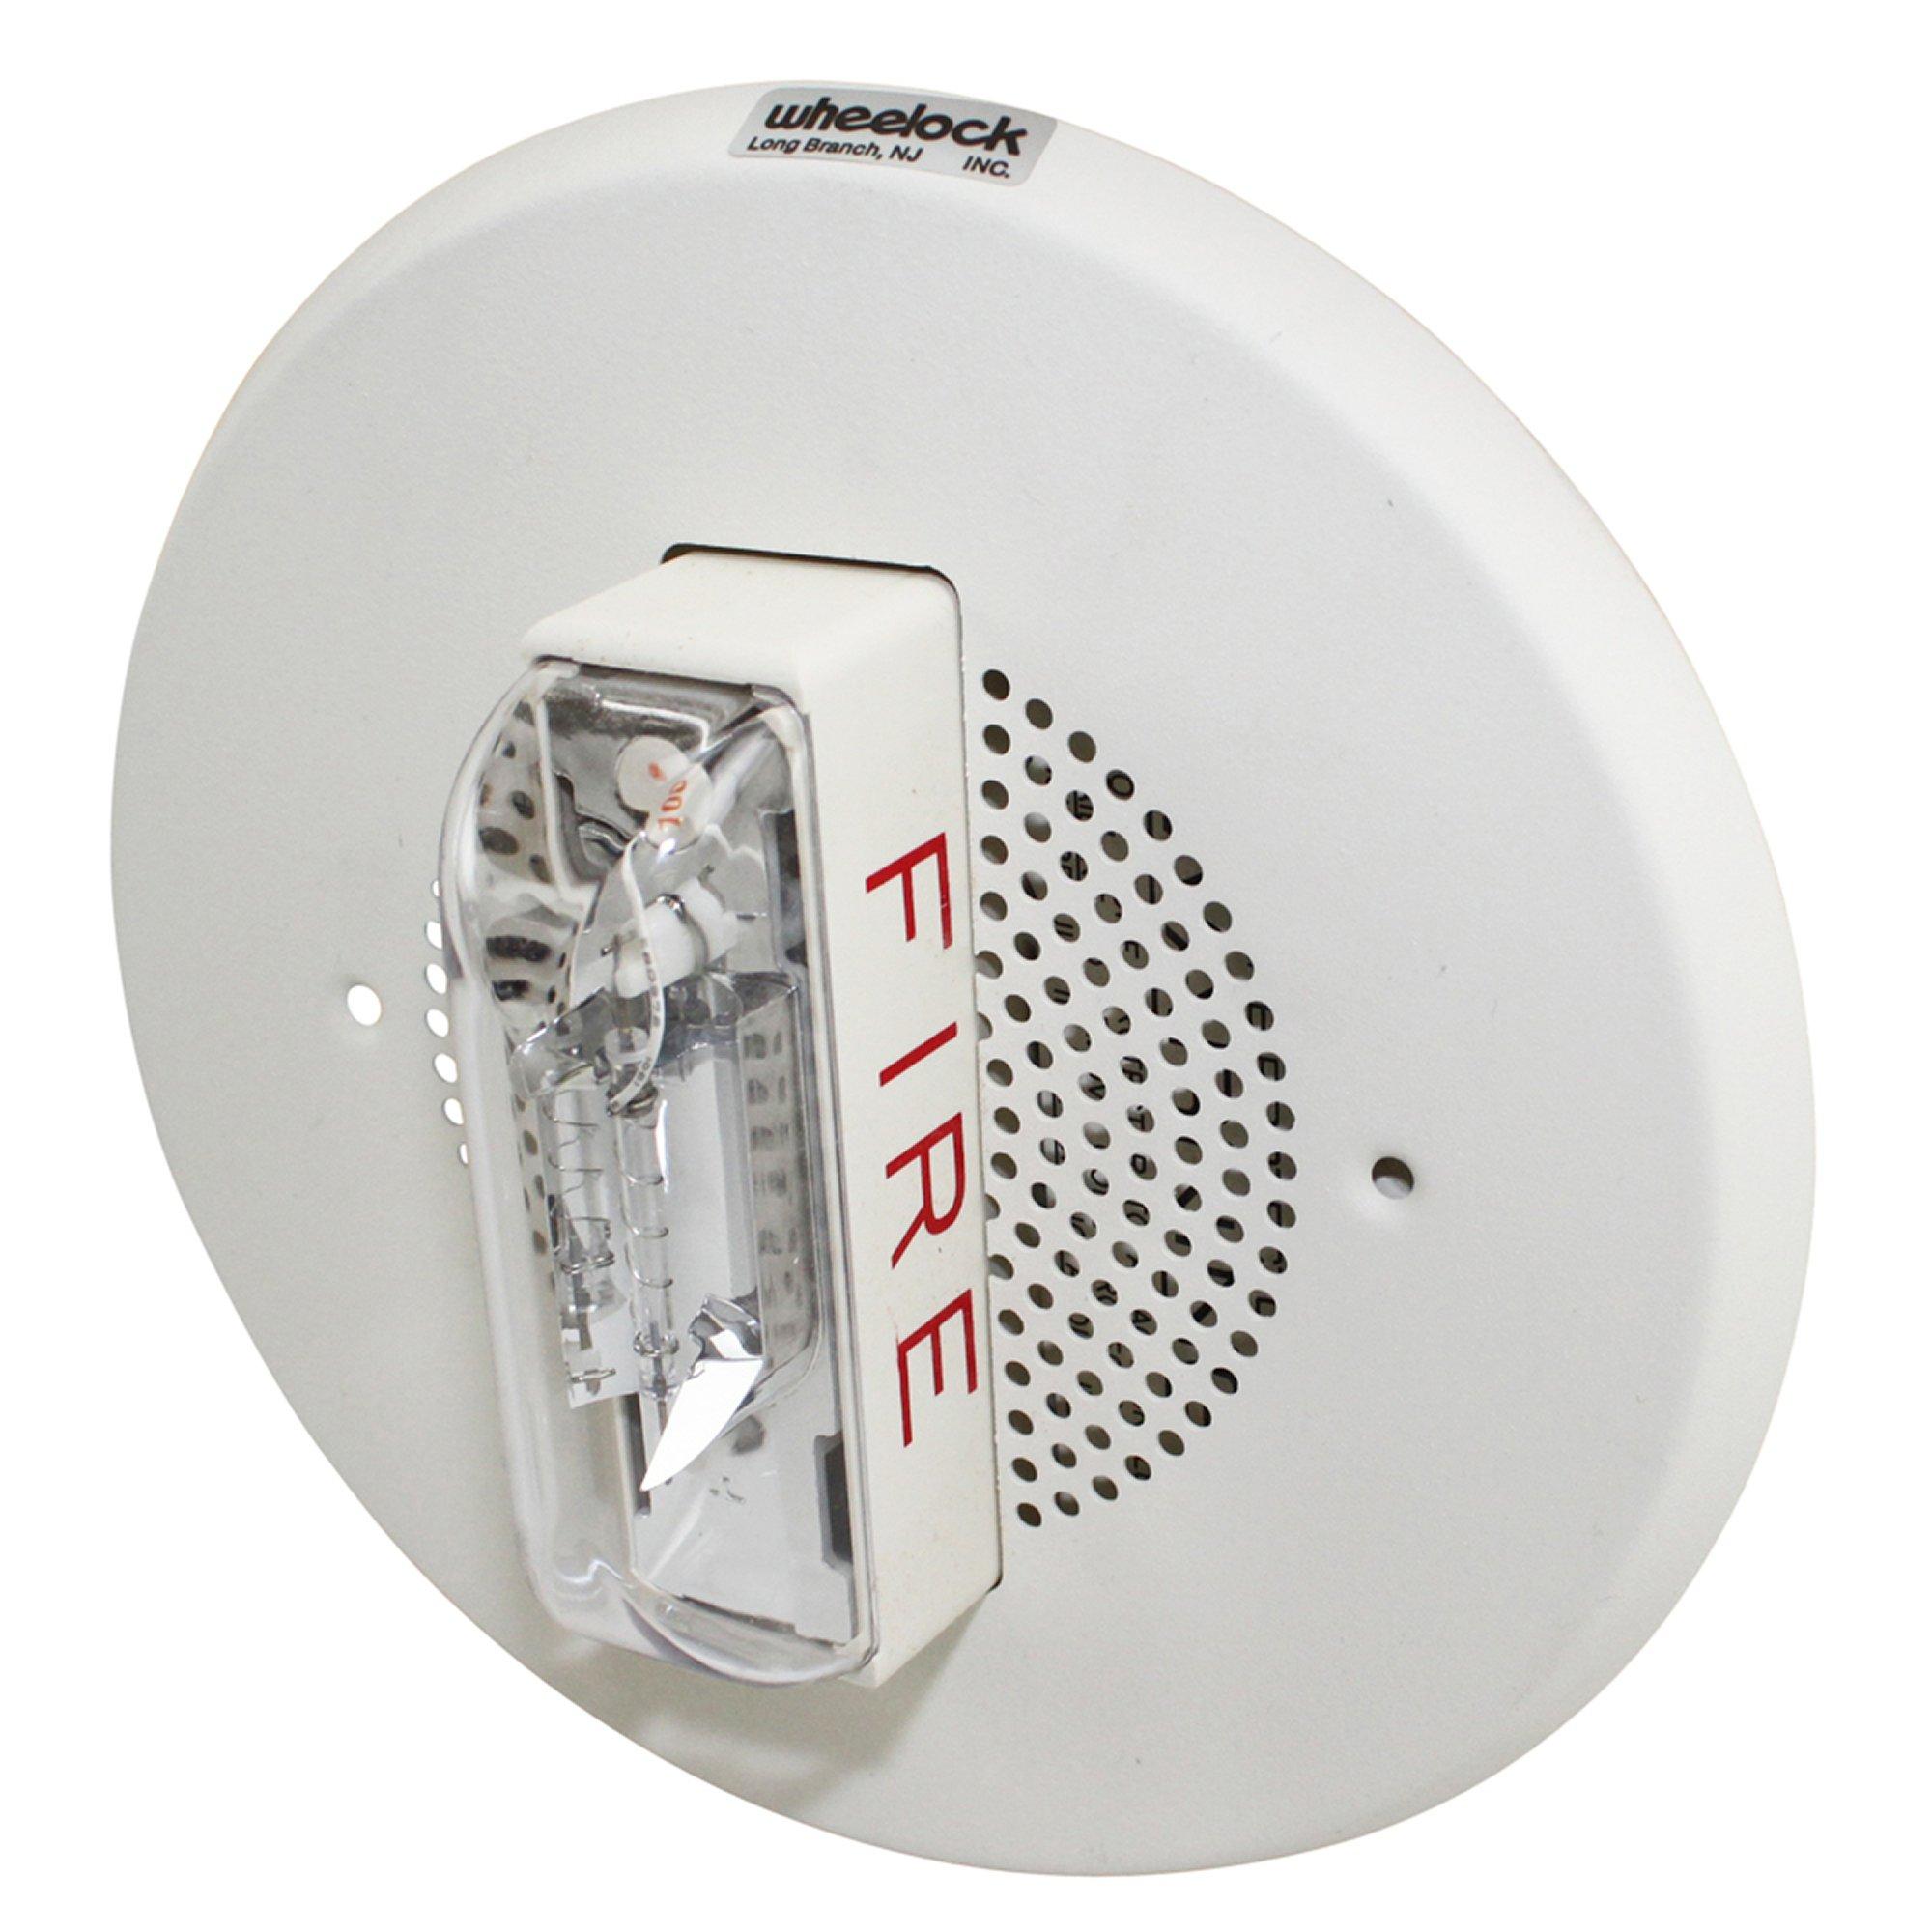 Wheelock E90-24100C-Fw 24Vdc Ceiling Fire Alarm Strobe Speaker; White 117887 - White